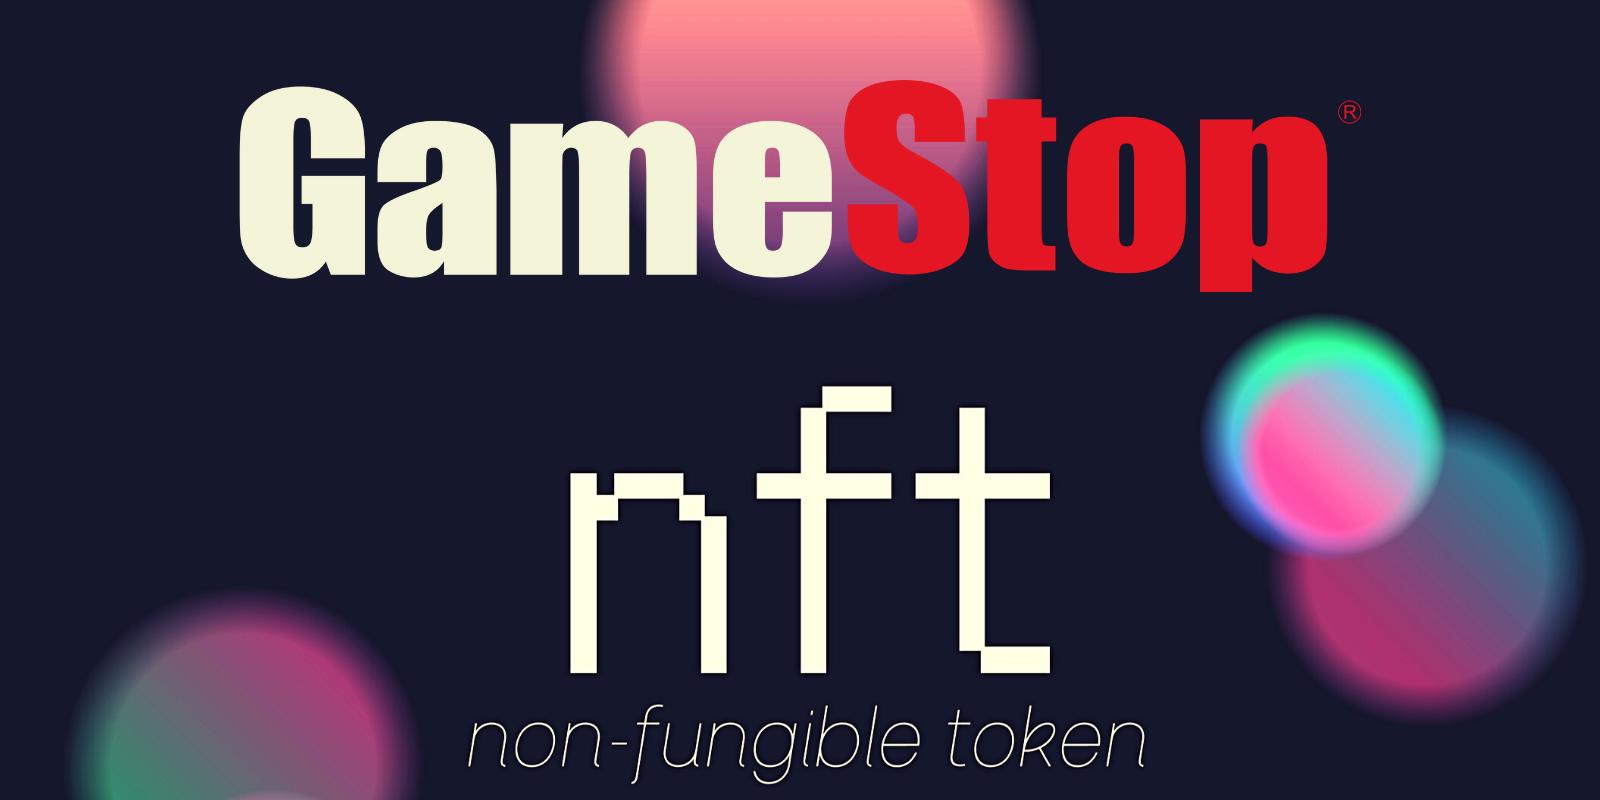 GameStop se lancerait-il dans les cryptomonnaies et les NFTs ?